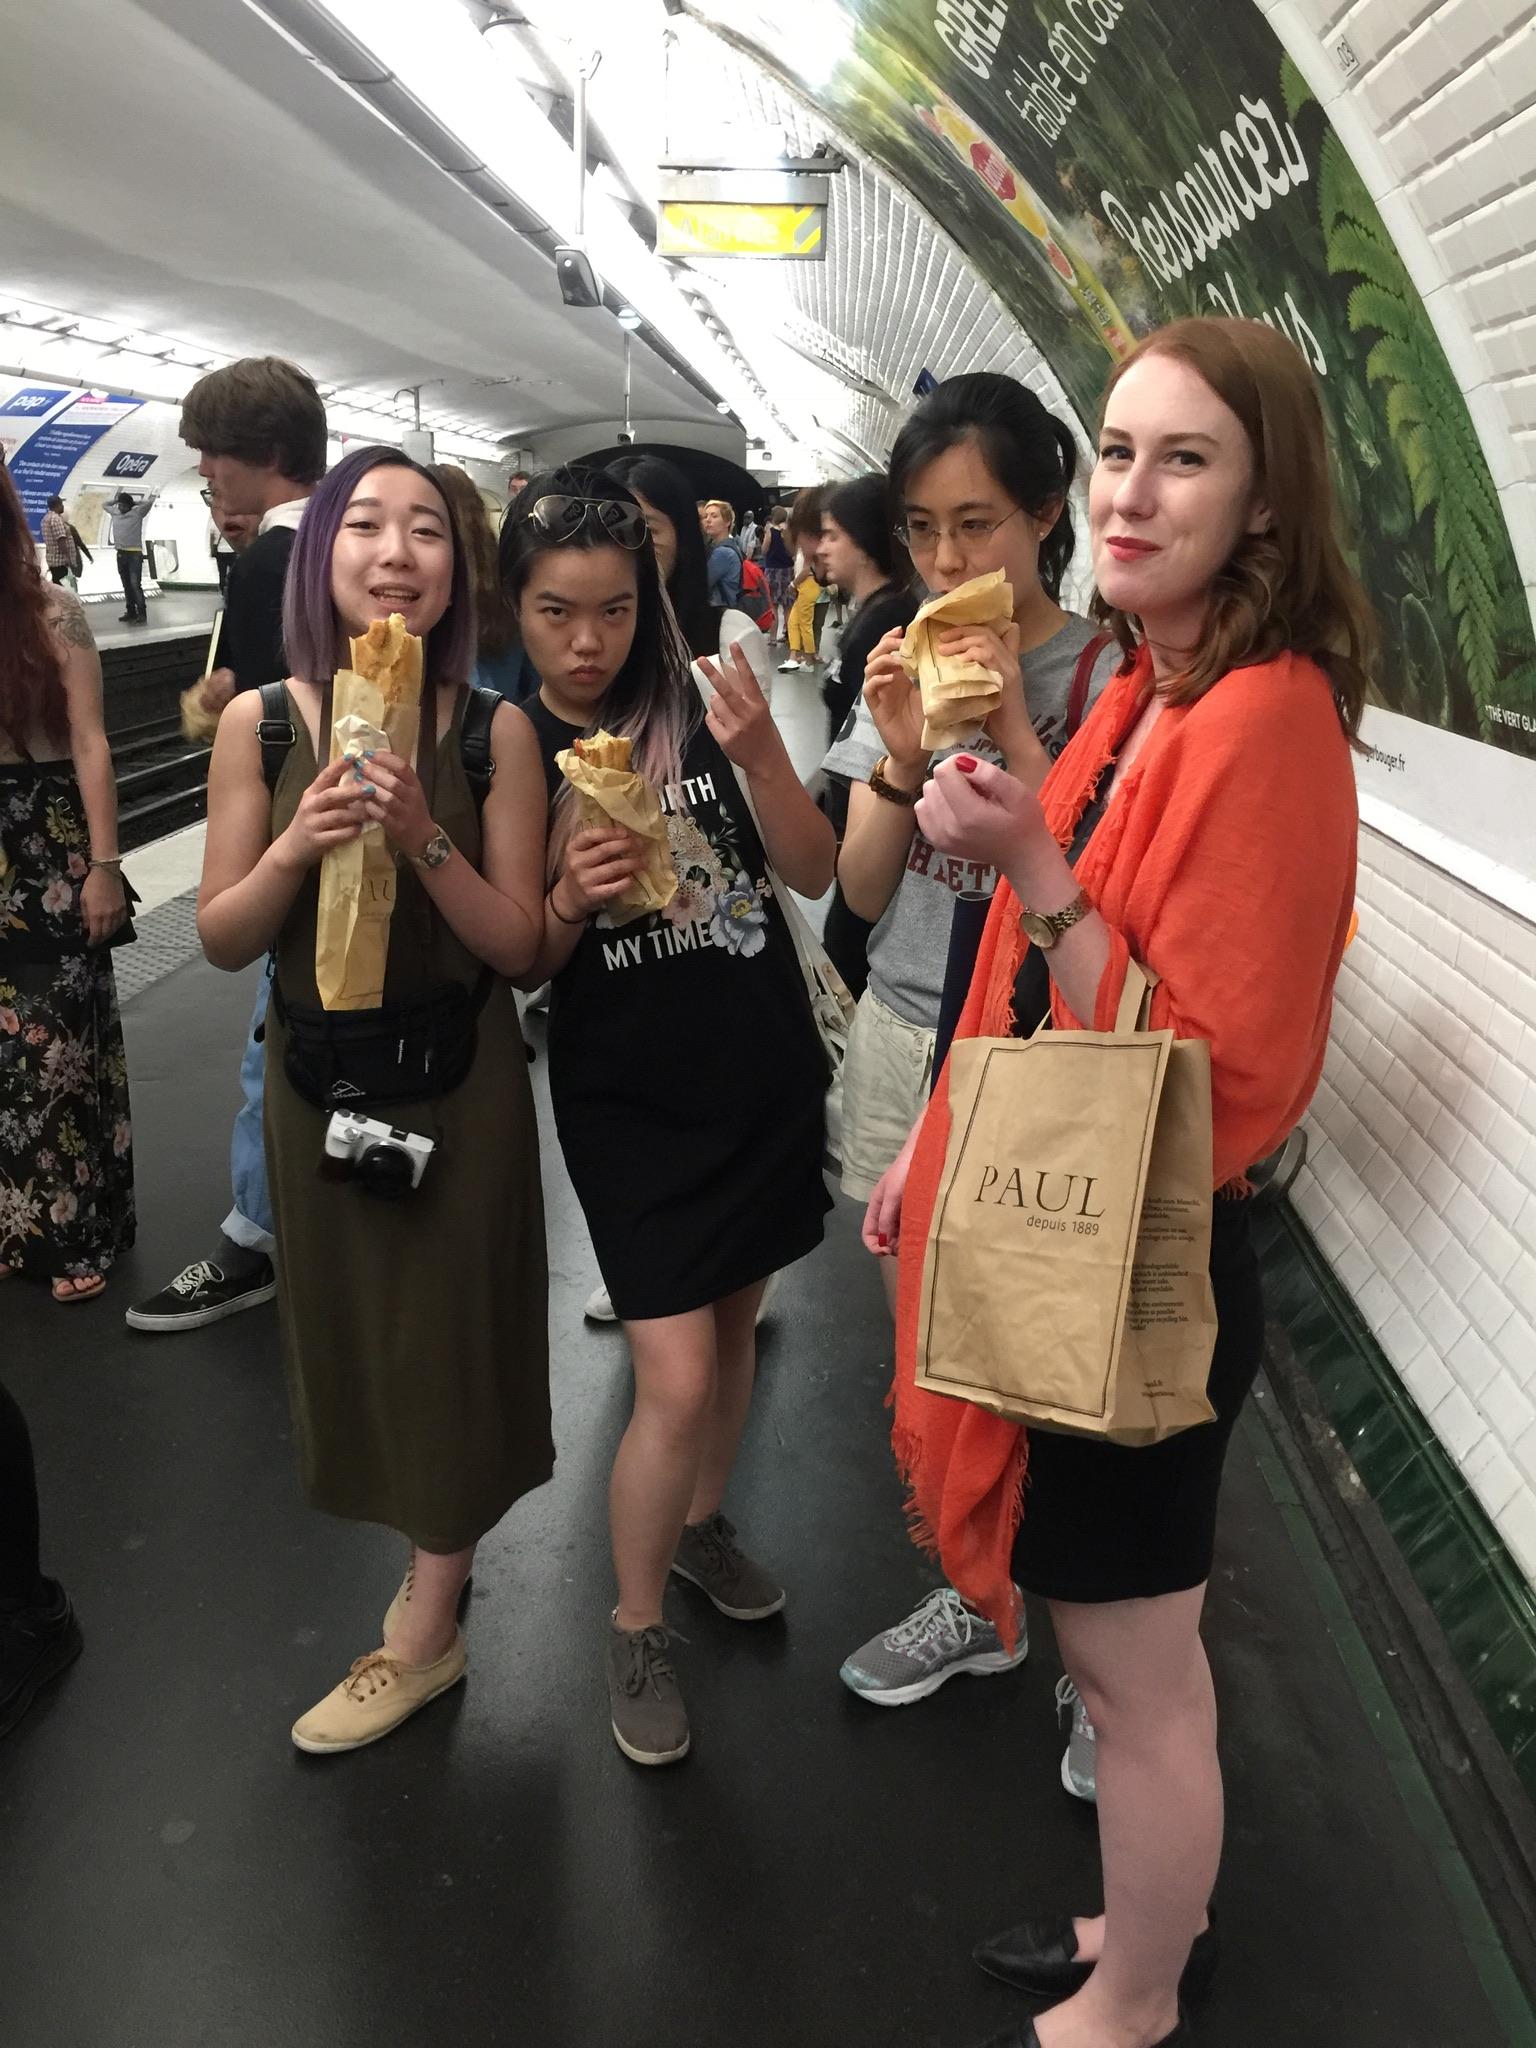 Jenny, Zoe, Alice, and Ashley enjoying on-the-go sandwiches while waiting on the Metro.